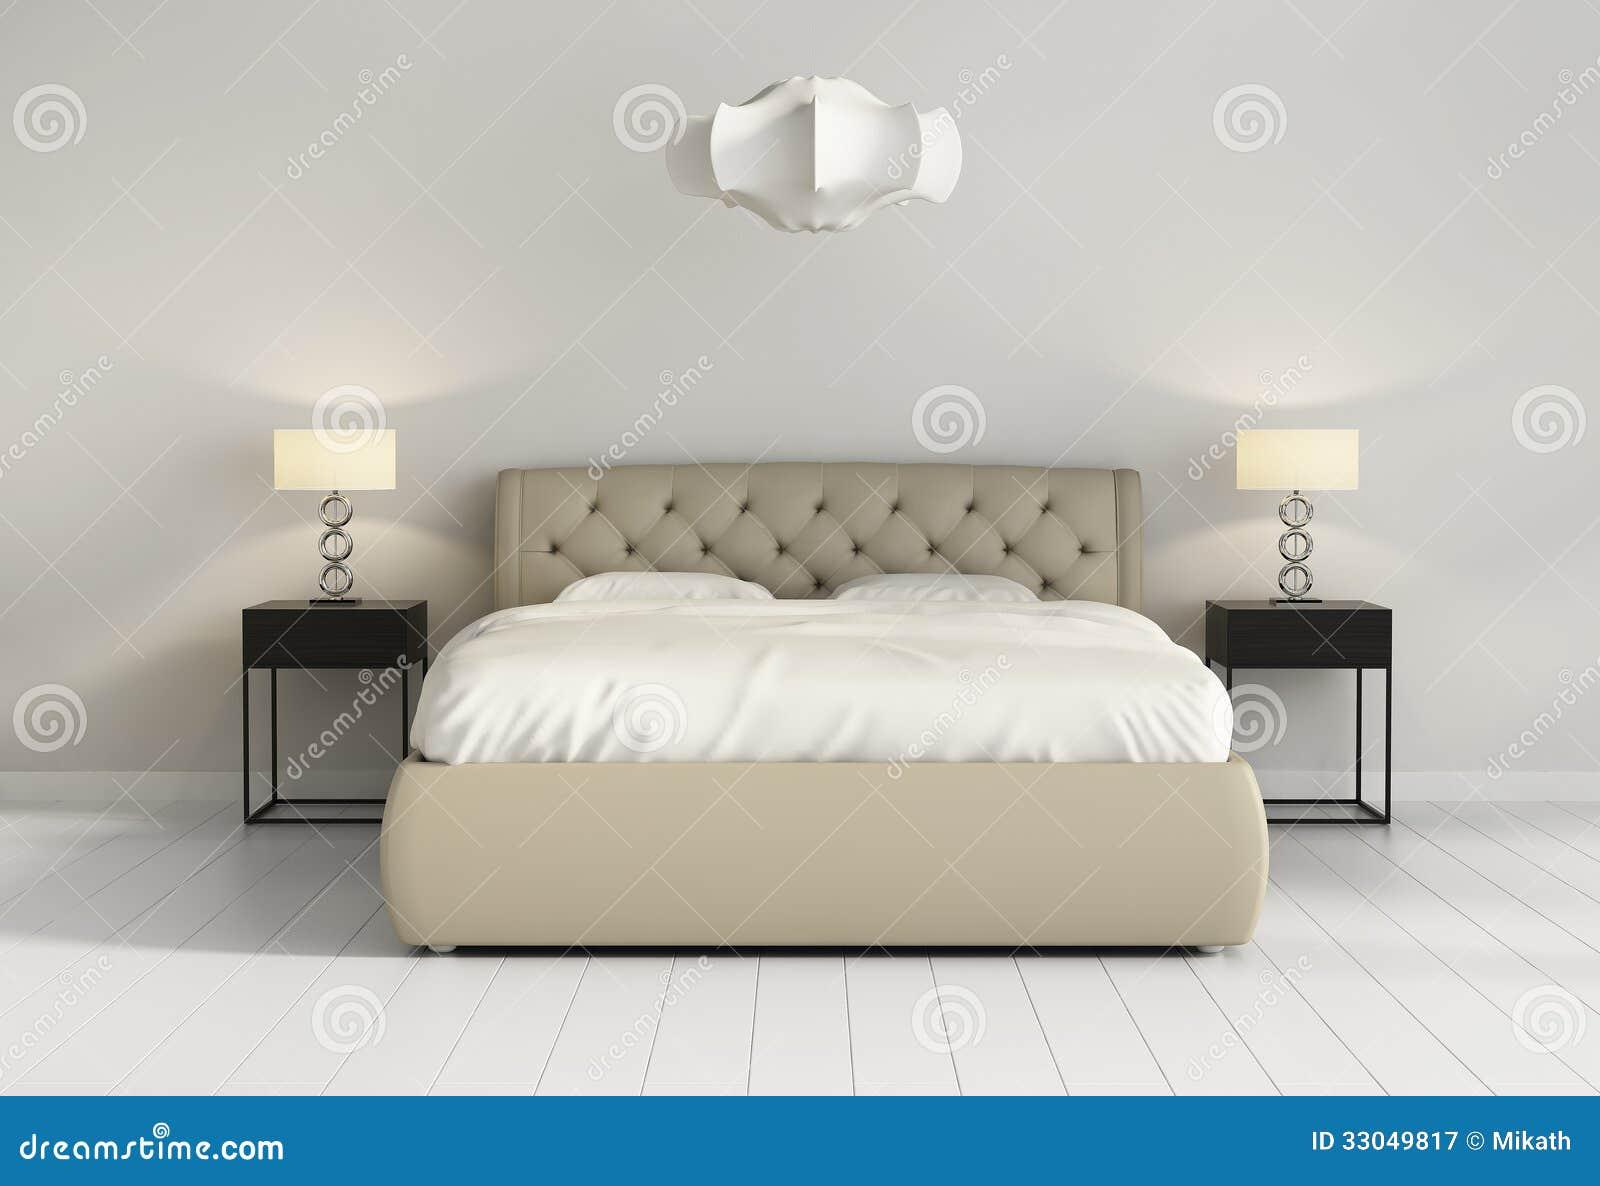 Cama de cuero copetuda elegante en frente elegante contemporáneo del dormitorio